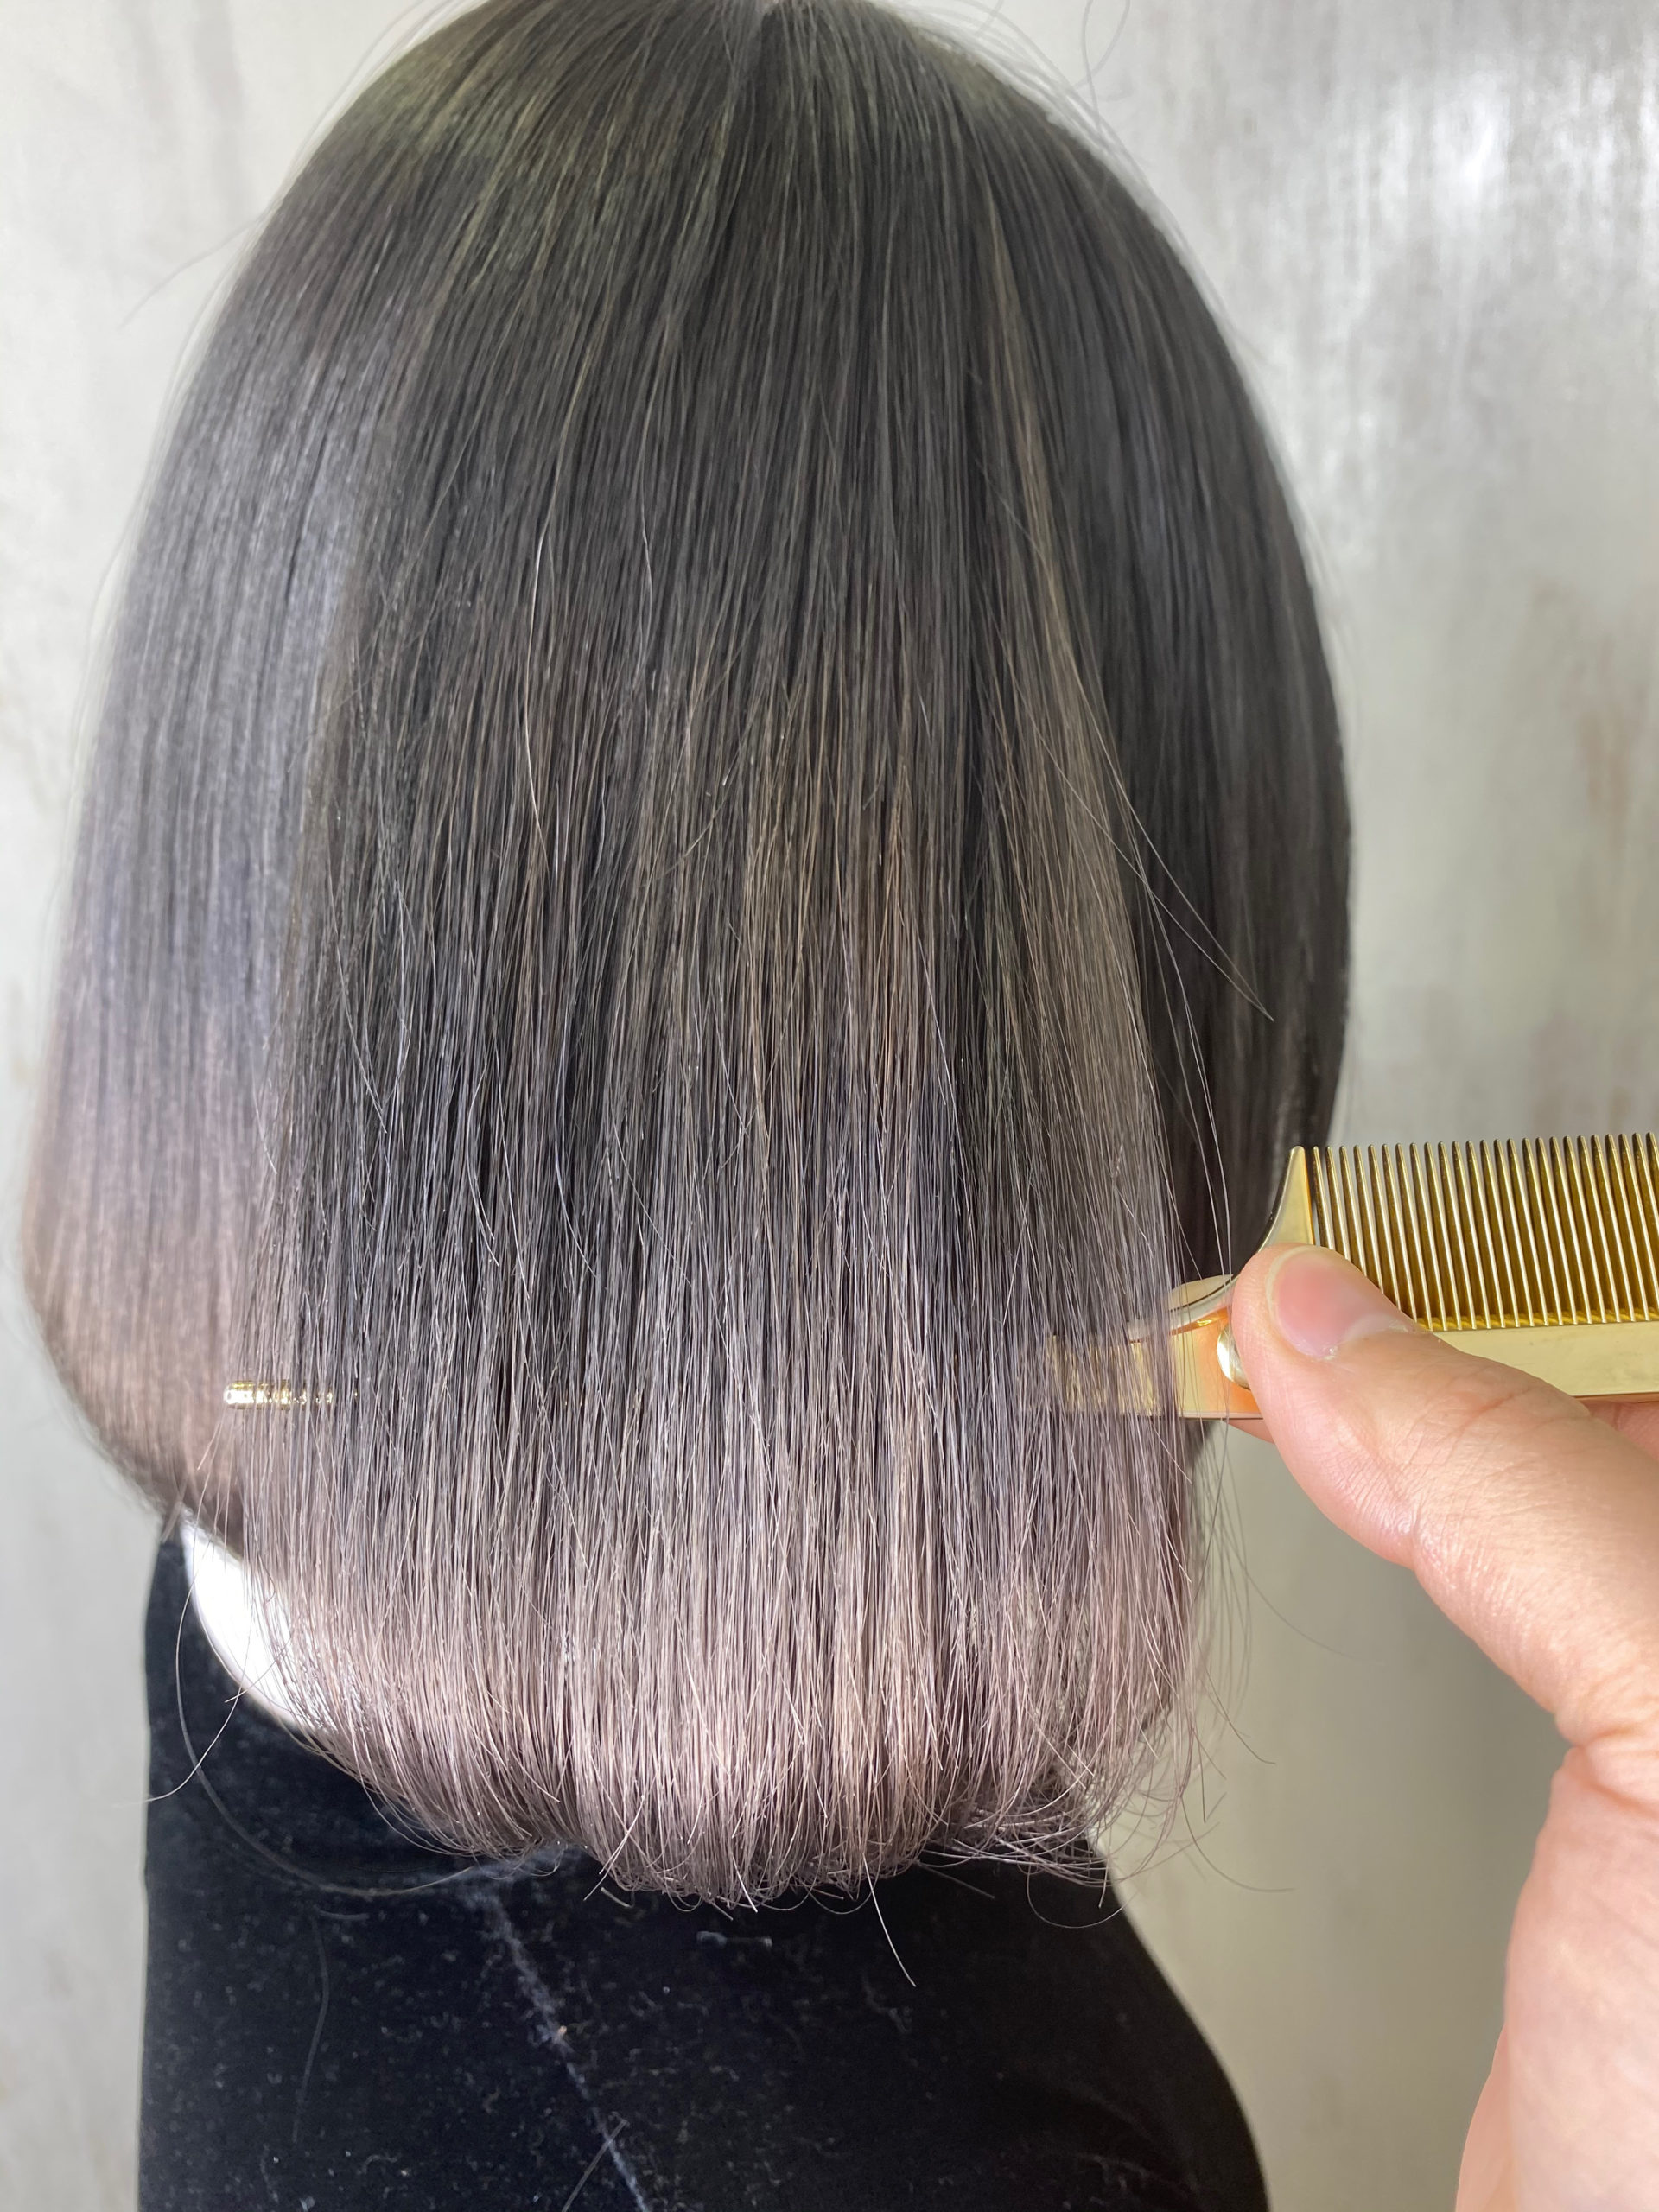 ジュエリーシステム×オレオルカラーでつるんとした艶髪カラー。原宿・表参道『髪のお悩みを解決するヘアケア美容師の挑戦』